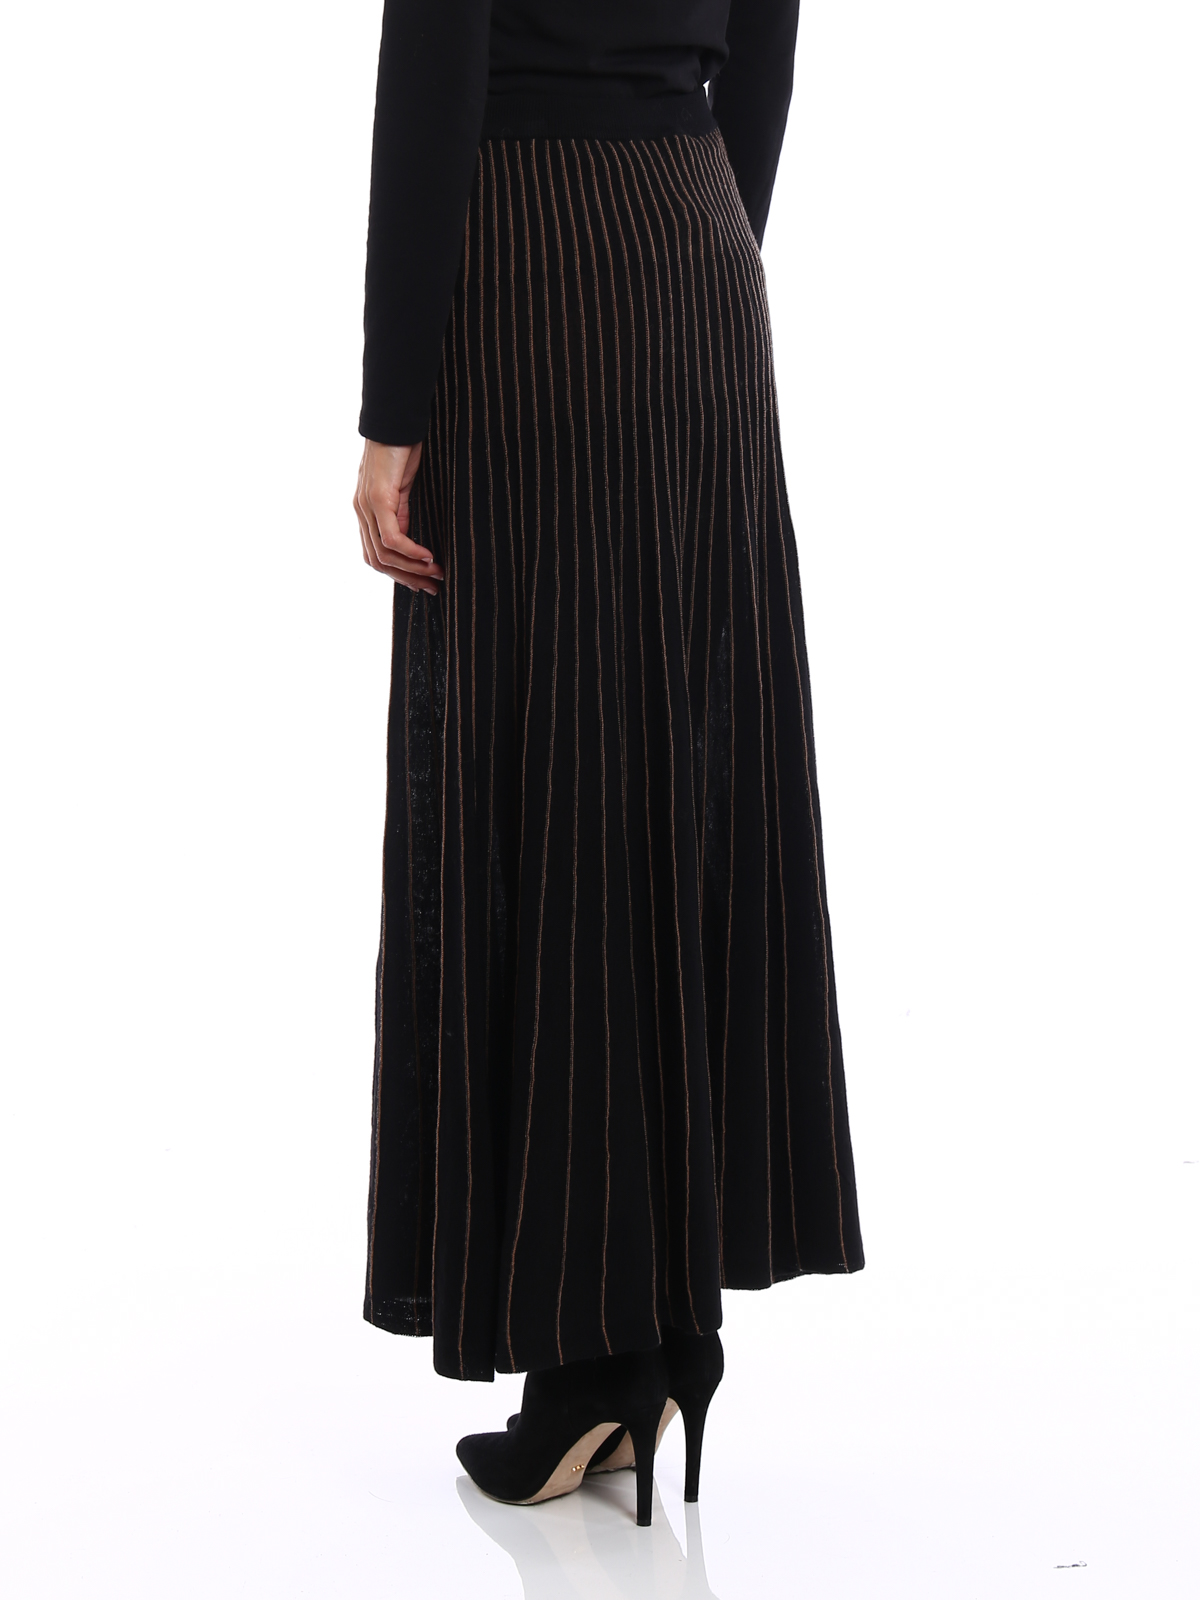 nuovo concetto 7e413 e10e4 Antonio Marras - Gonna in maglia di lana a righe - Gonne ...